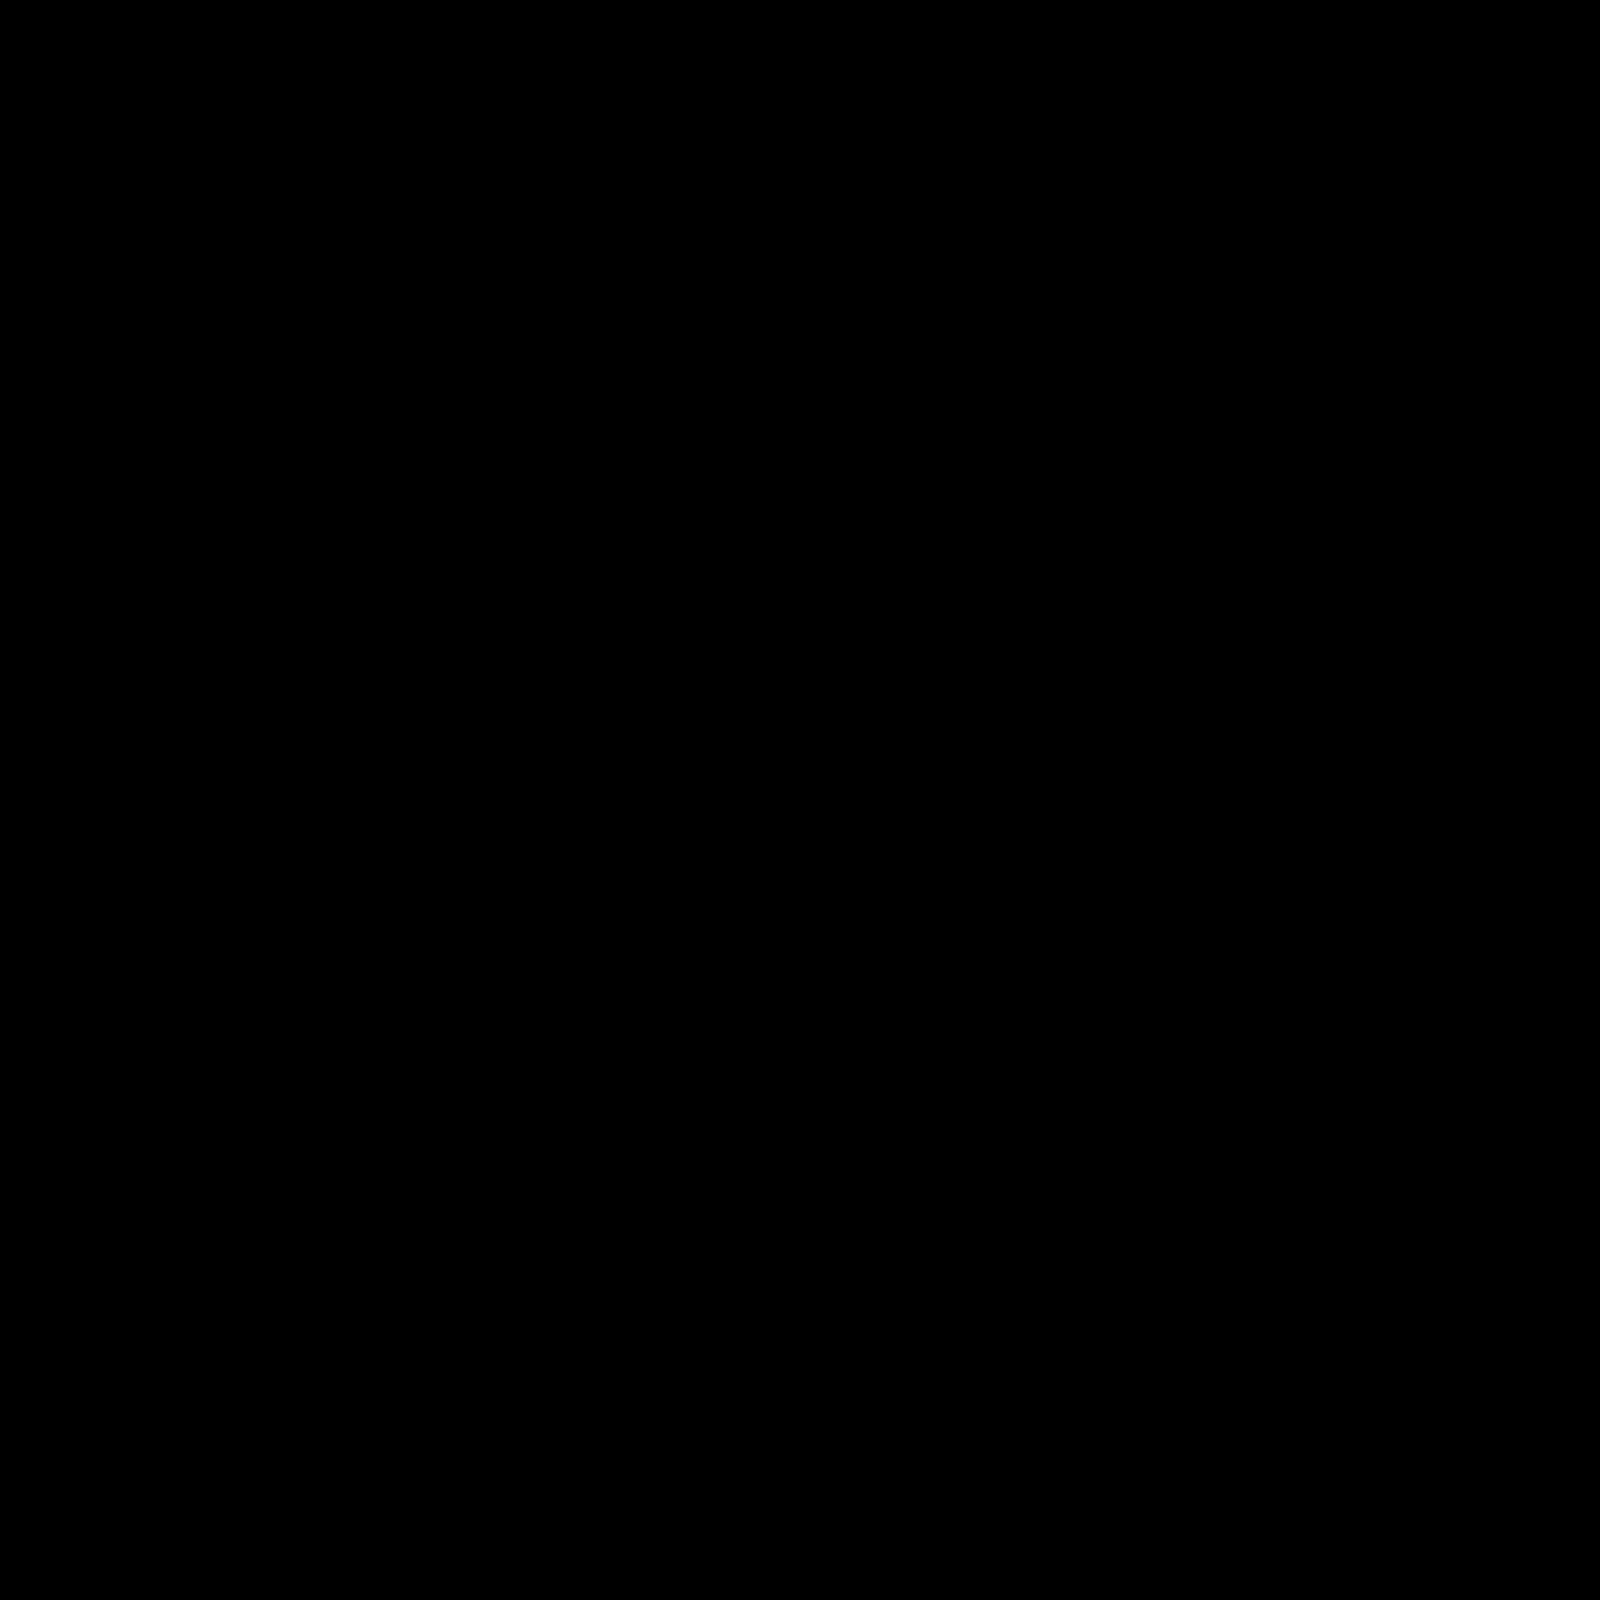 Cegła icon